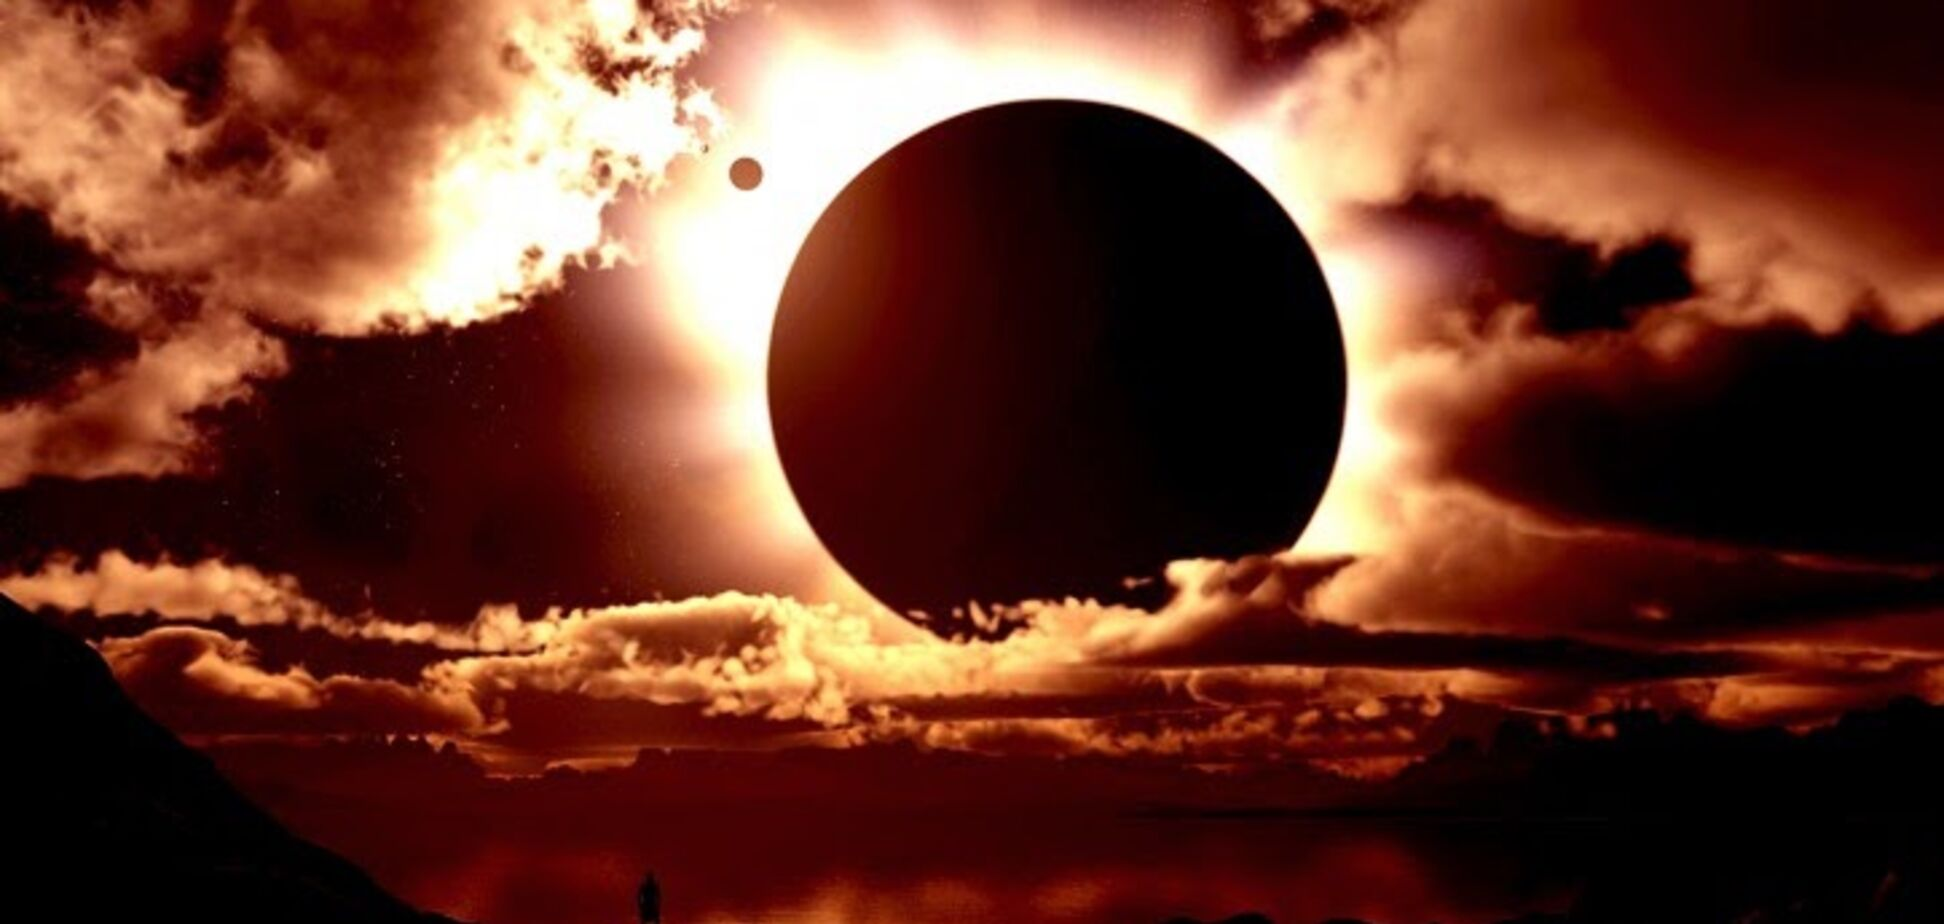 Секс небезпечний! Українцям дали важливі поради щодо сонячного затемнення 6 січня